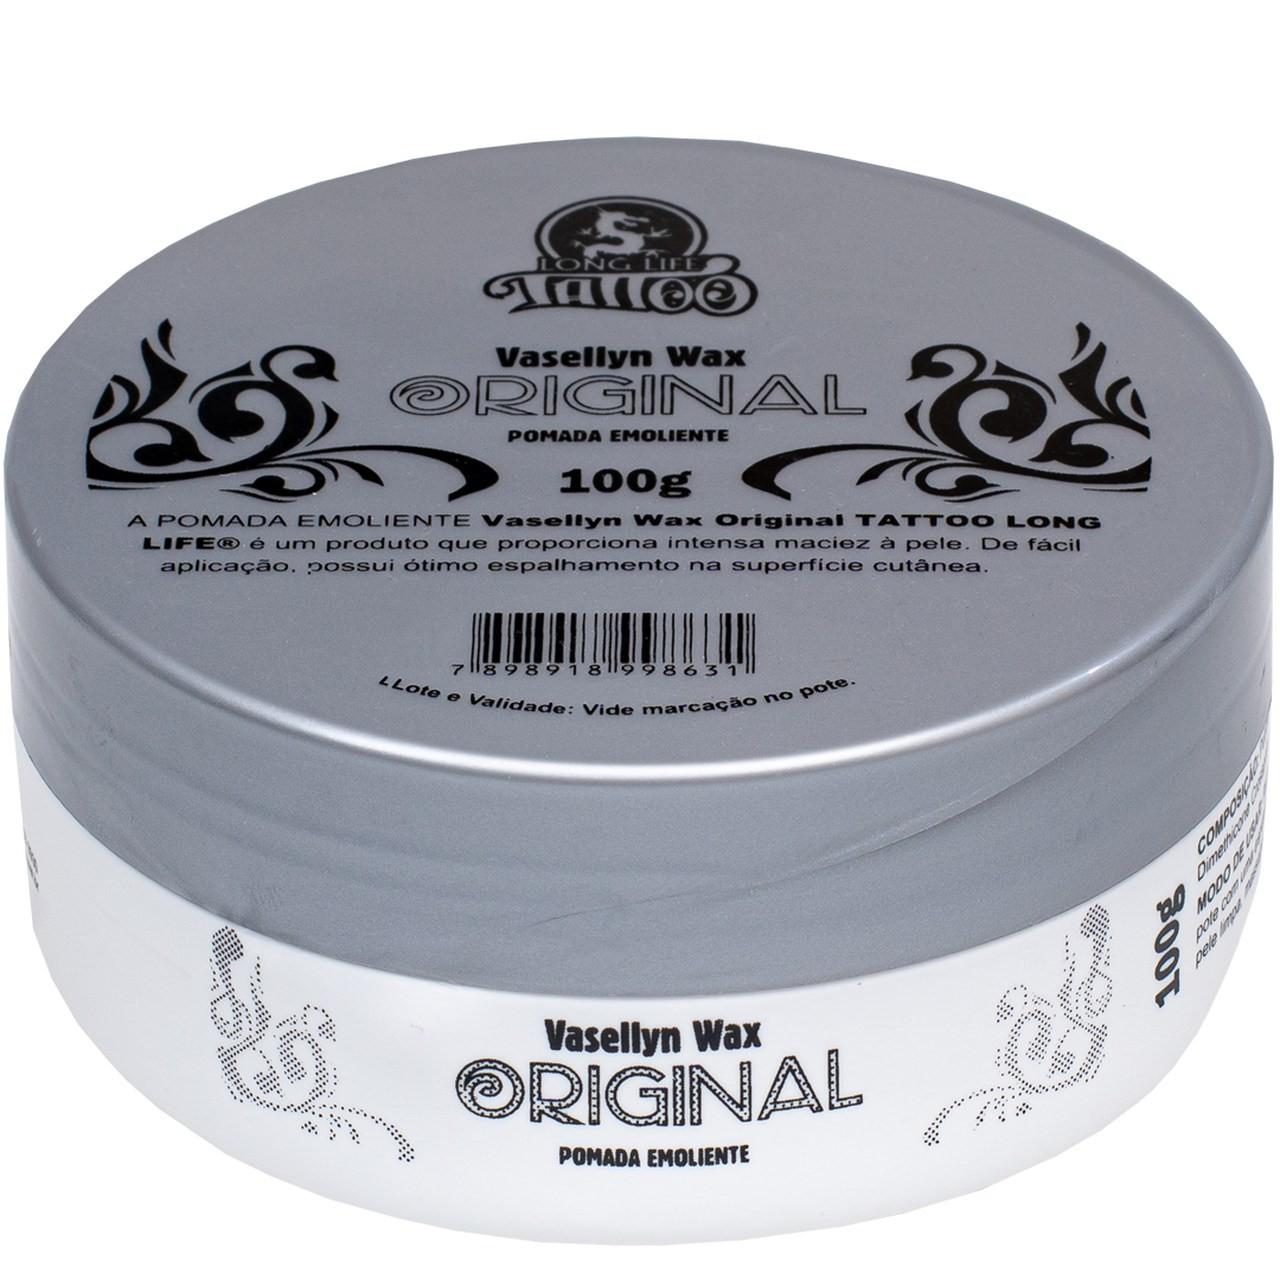 Vaselina para Tatuagem e Micropigmentação - Vasellyn Wax Original  100g -